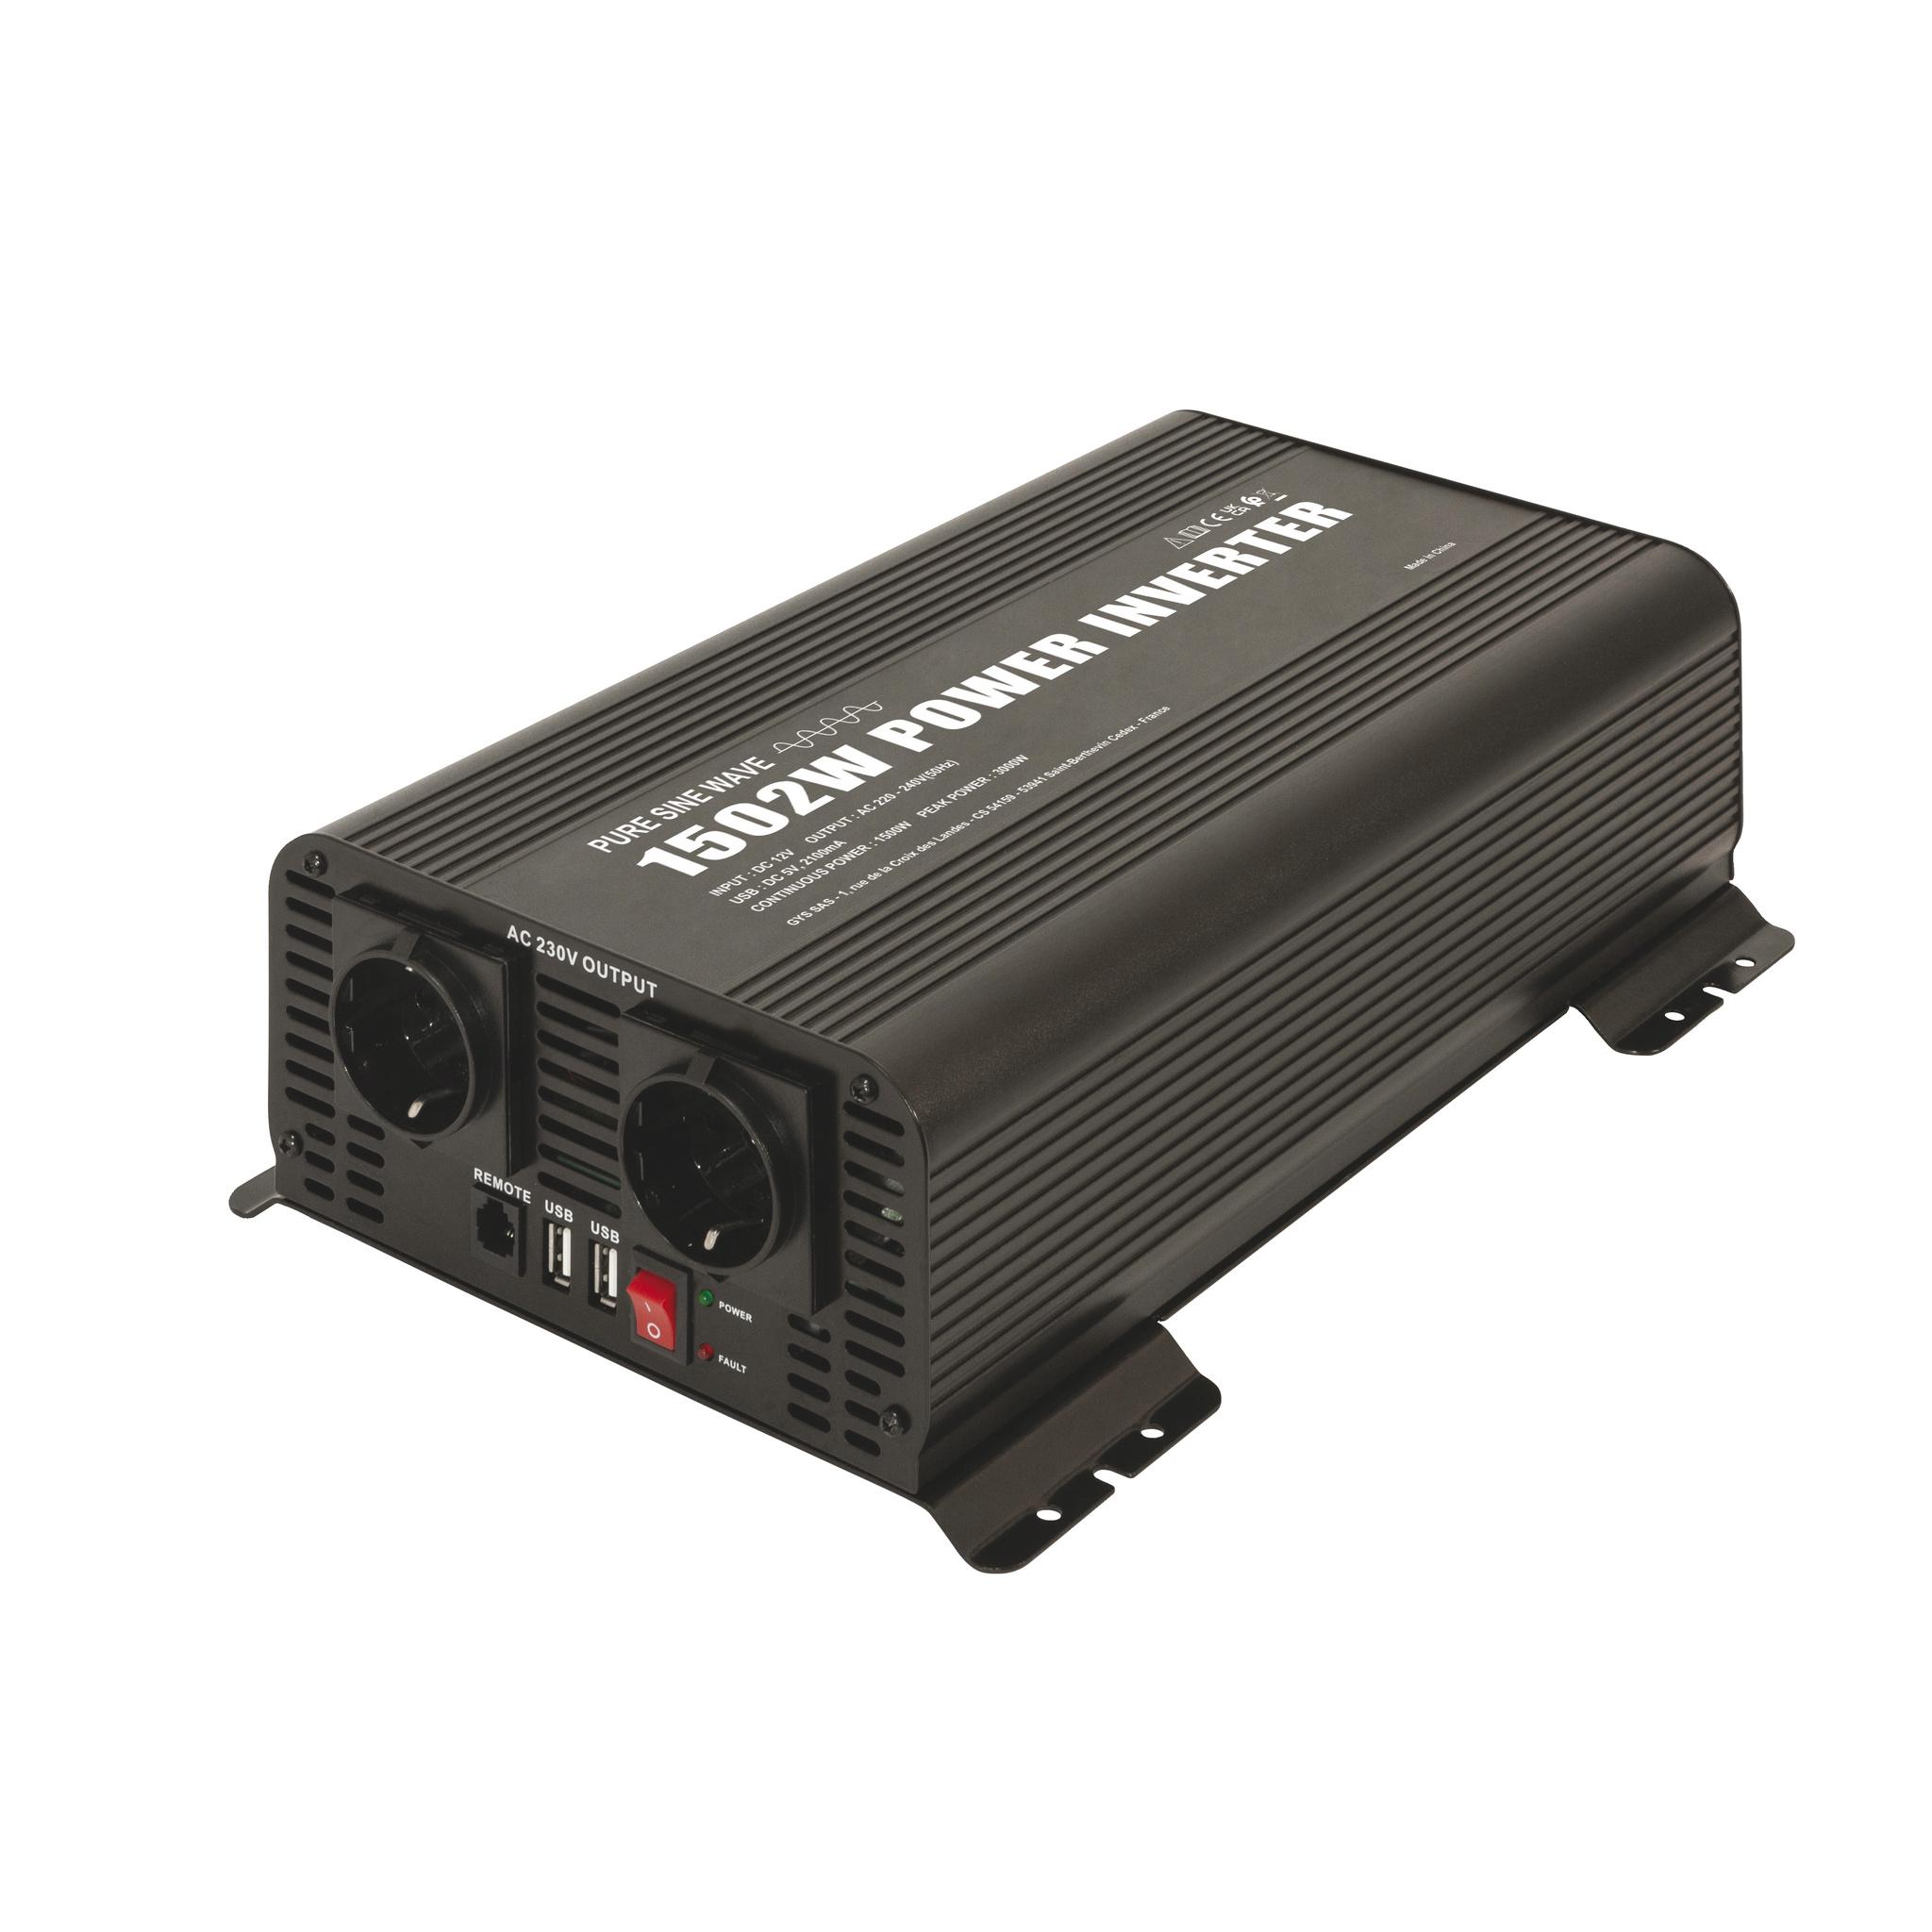 Omvormer-inverter PSW 1502W 12V met remote